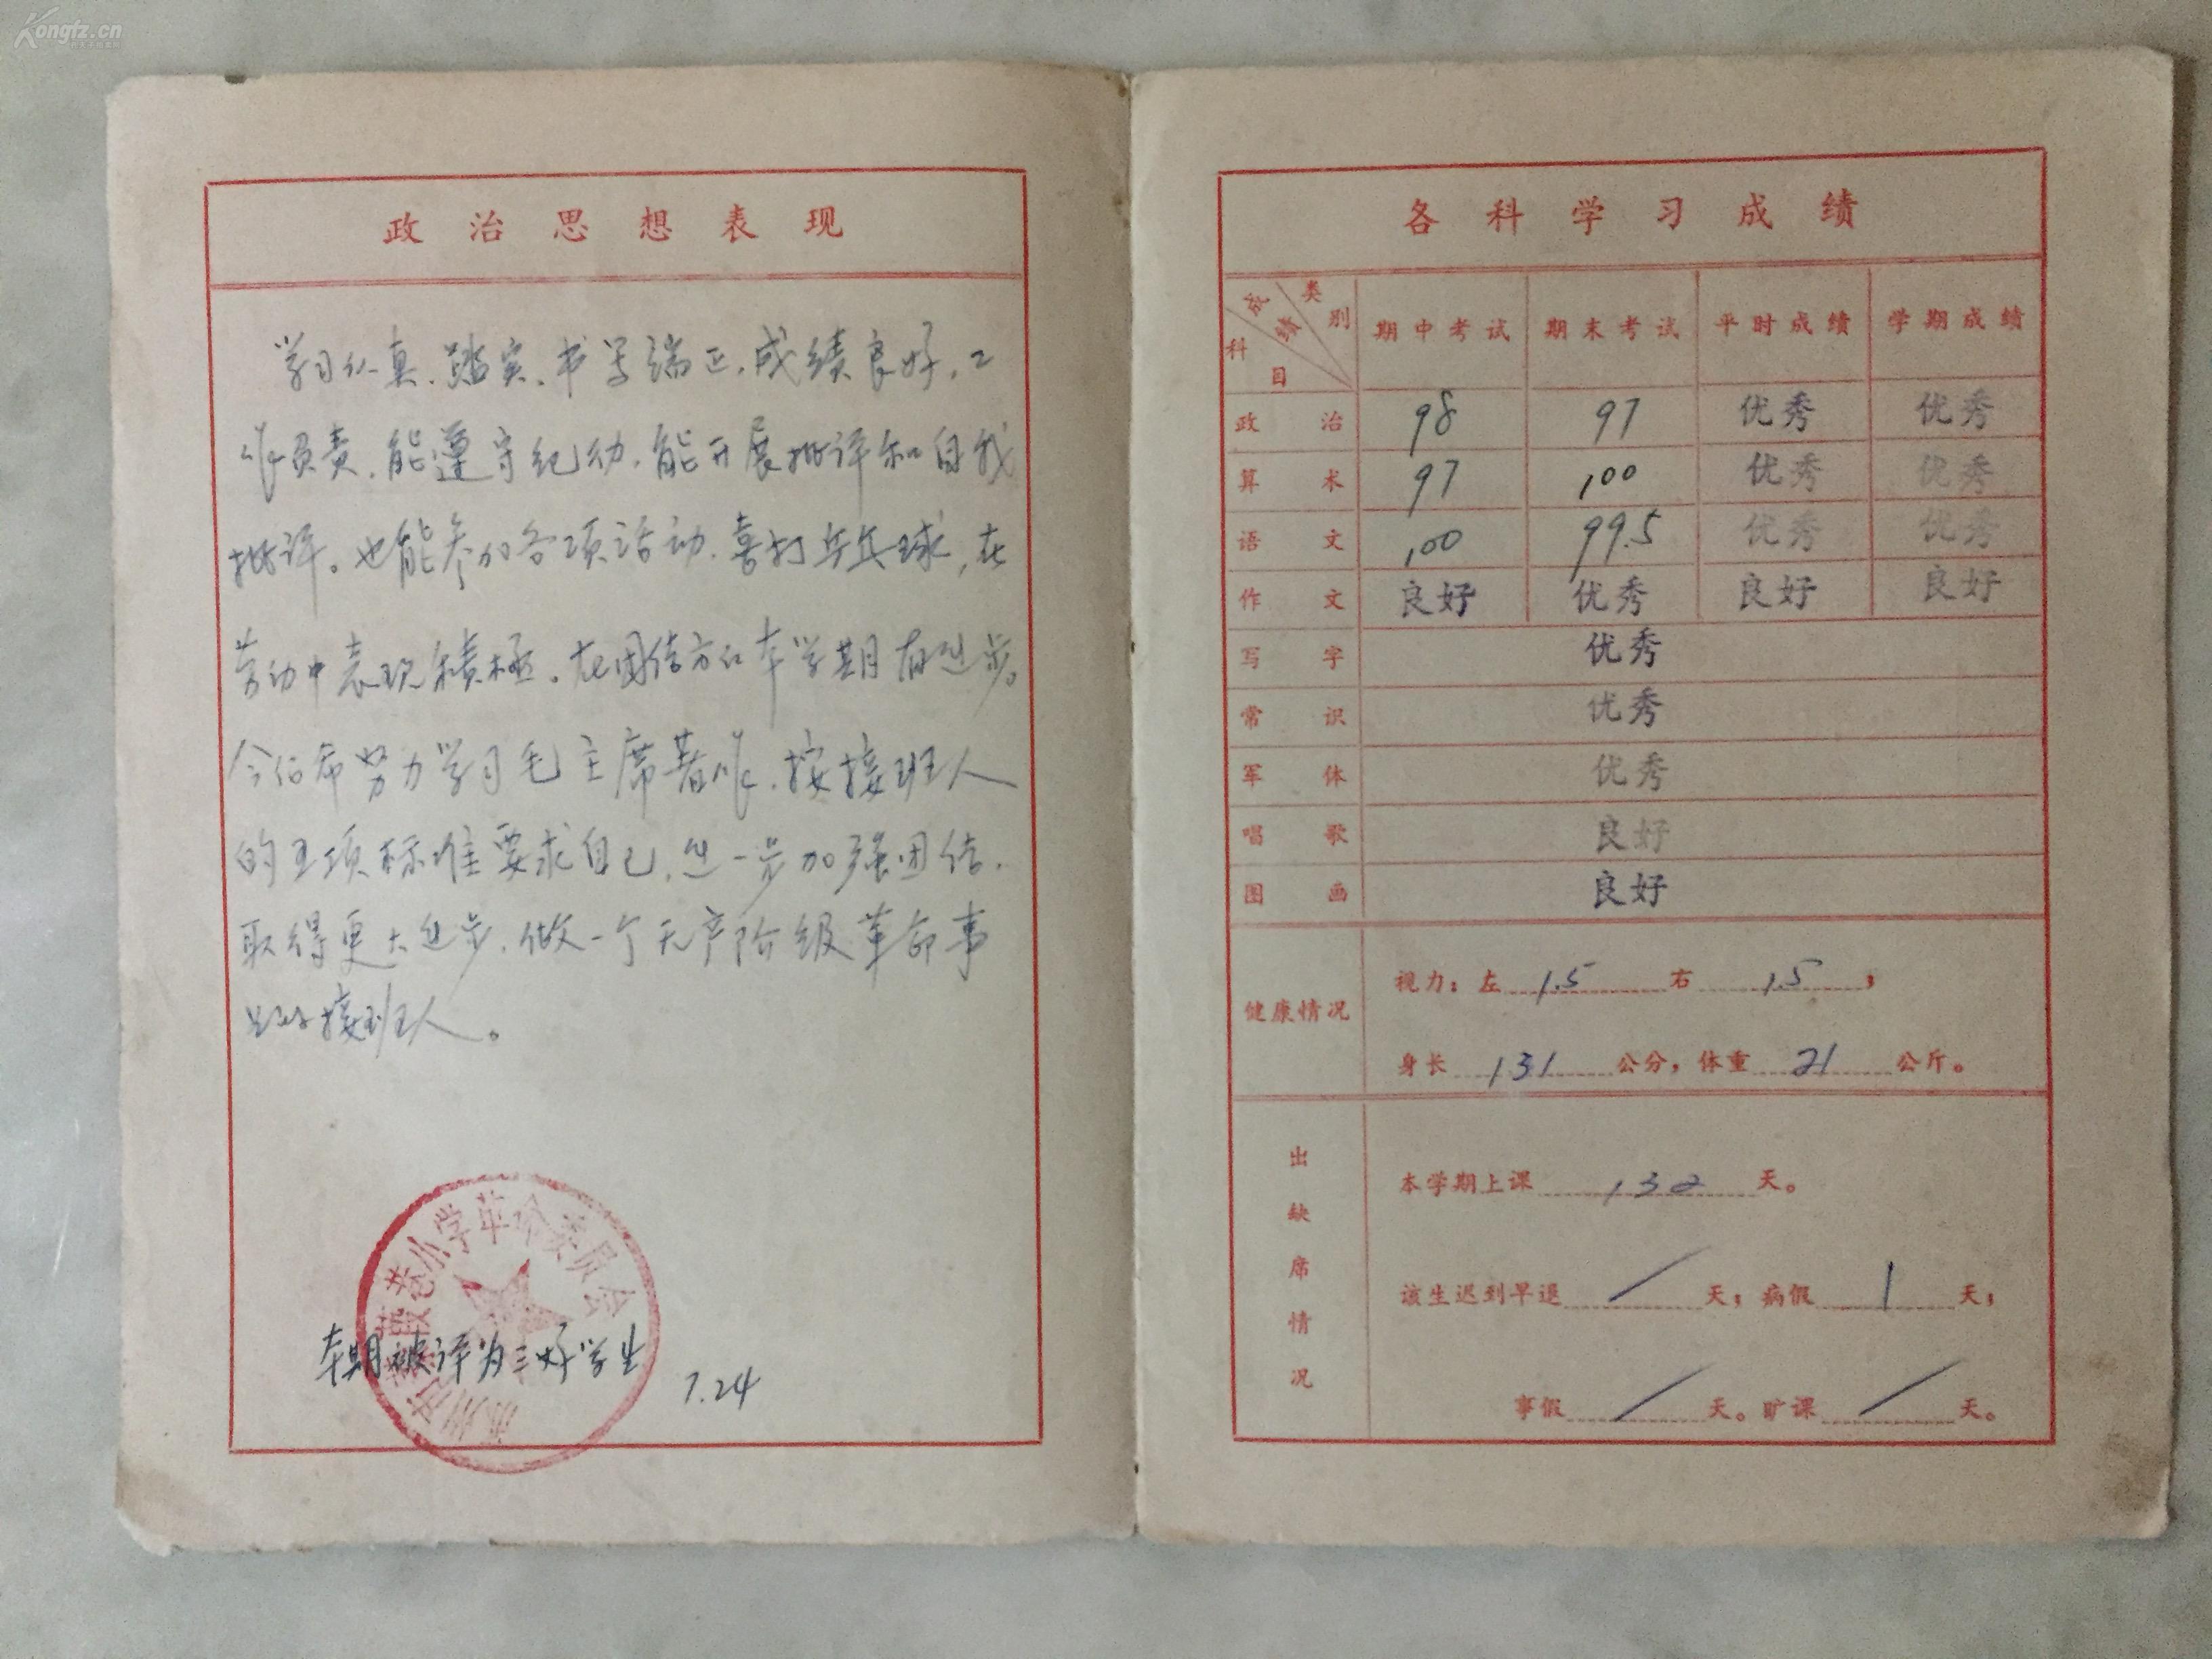 1973年苏州录葭巷小学带毛主席语录《学生情的感谢信受助小学生图片